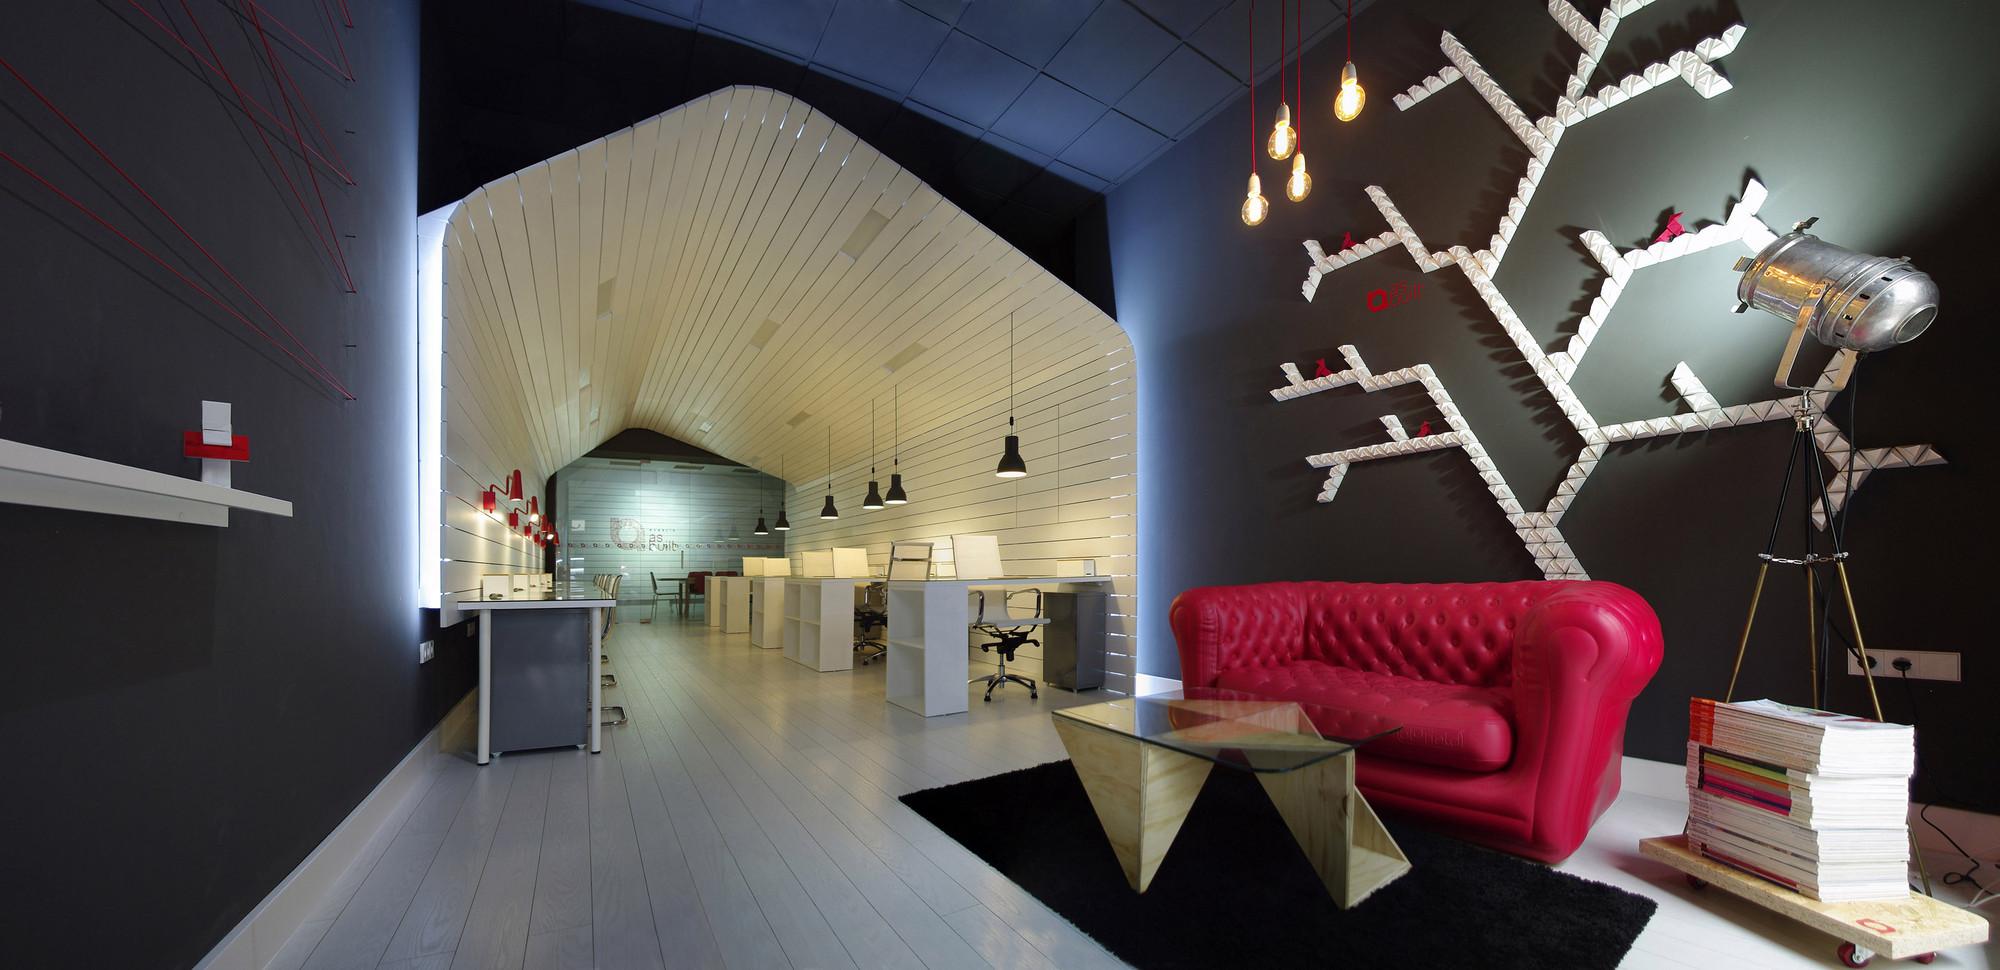 Oficina para arquitectos y espacio de coworking as for Oficina coworking